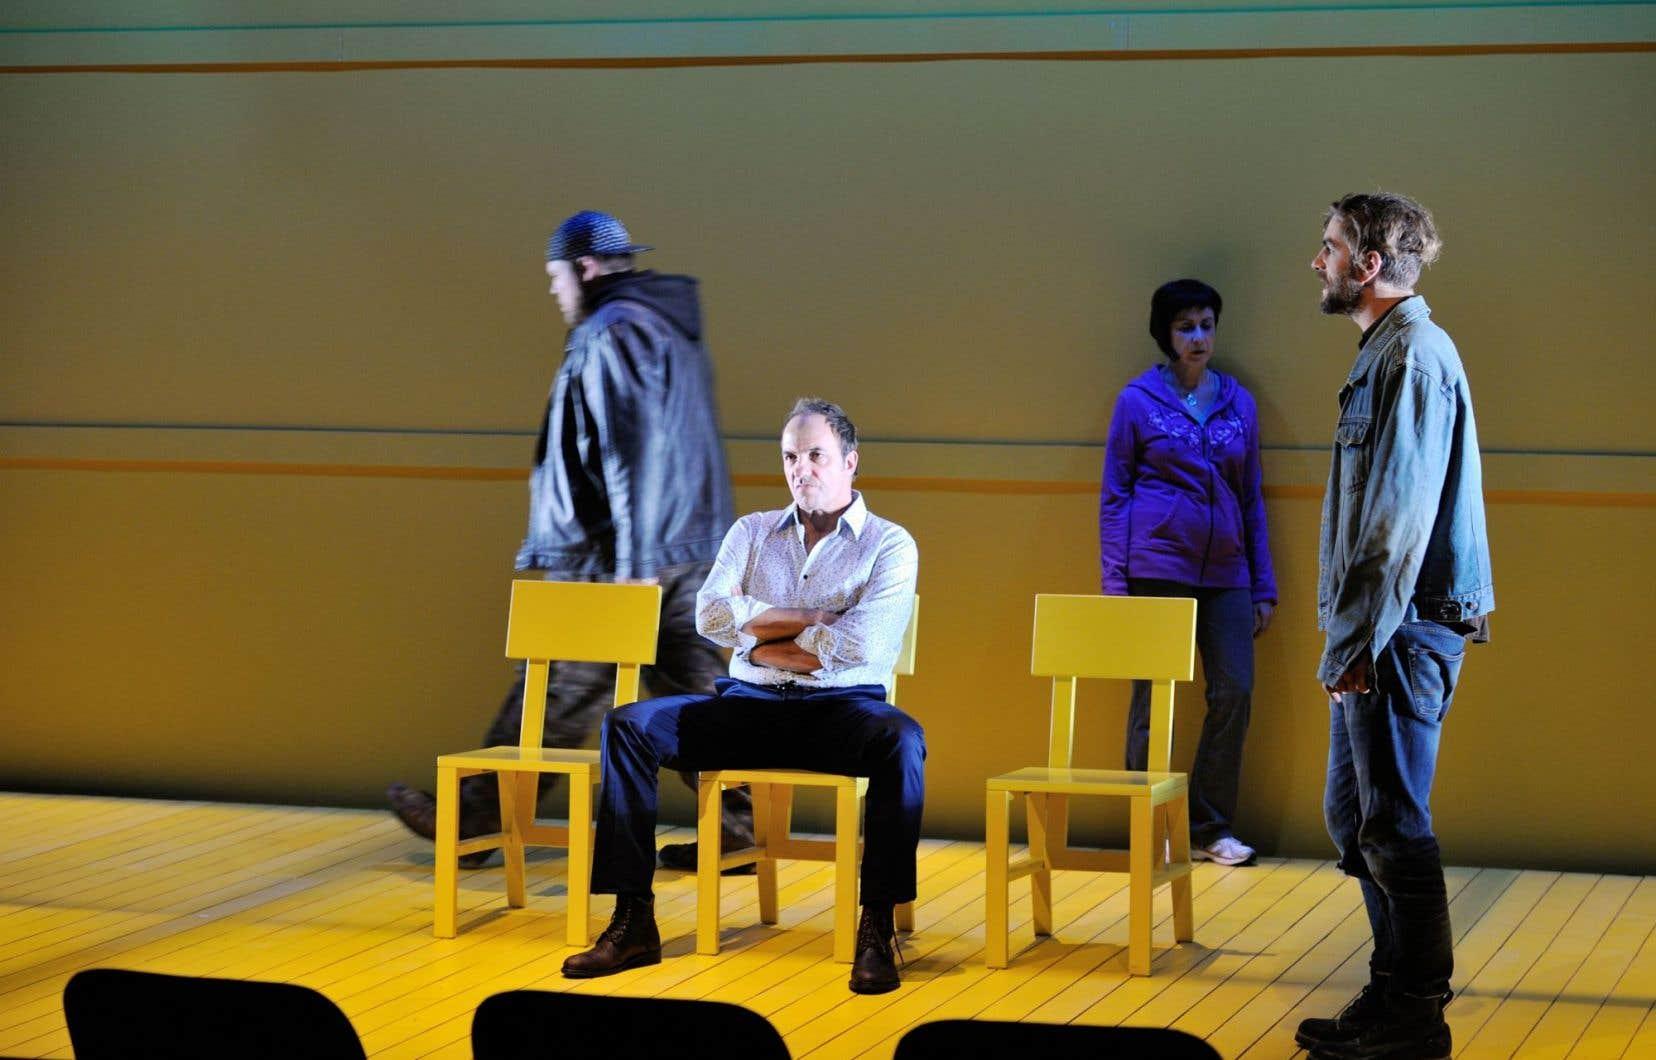 La distribution de la pièce Pour réussir un poulet — Guillaume Cyr, Denis Bernard, Marie Michaud et Hubert Proulx — est, sans exception, impeccable.